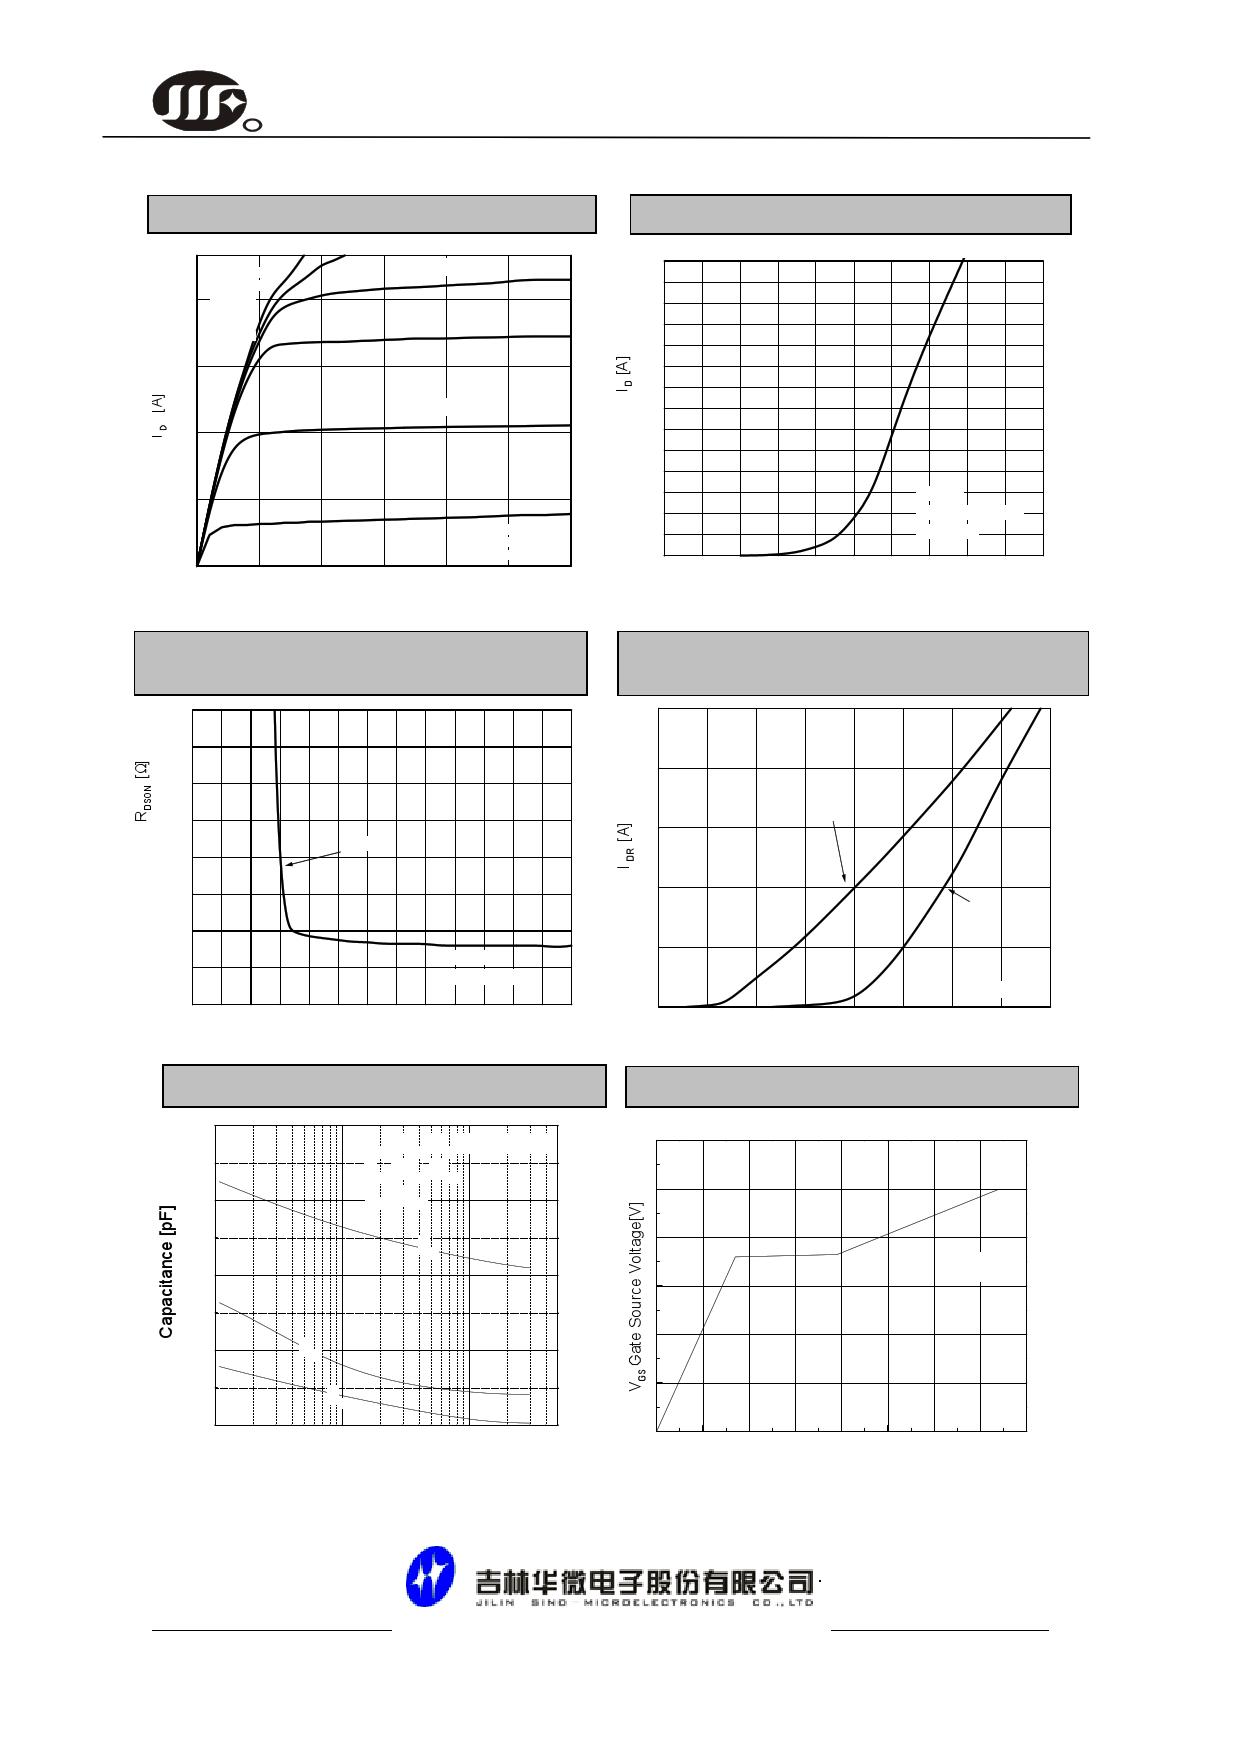 JCS75N75F pdf